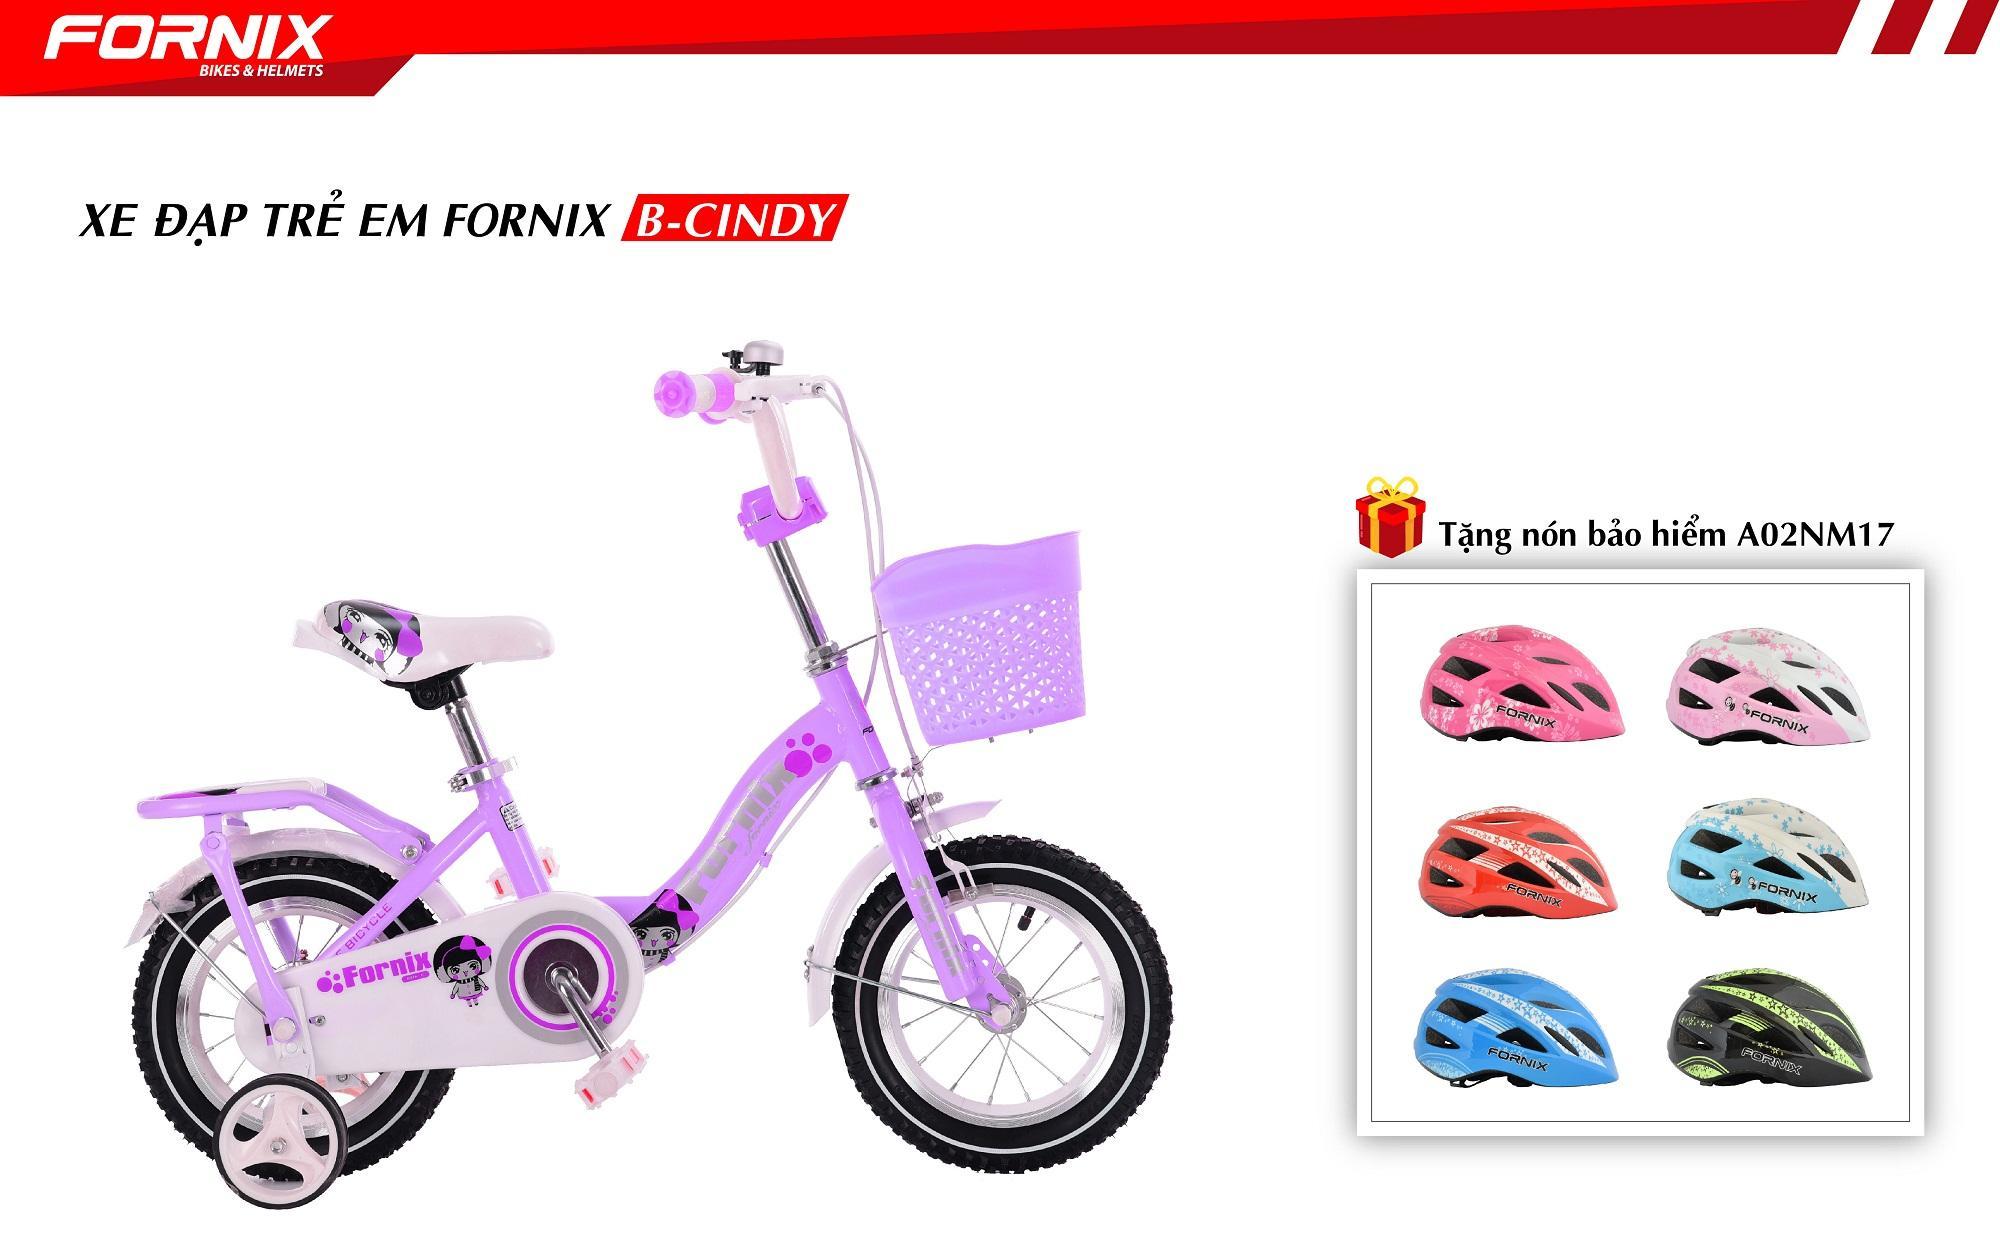 Xe đạp thể thao trẻ em B-CINDY 12 inch + Tặng nón bảo hiểm trẻ em A02NM17Xs